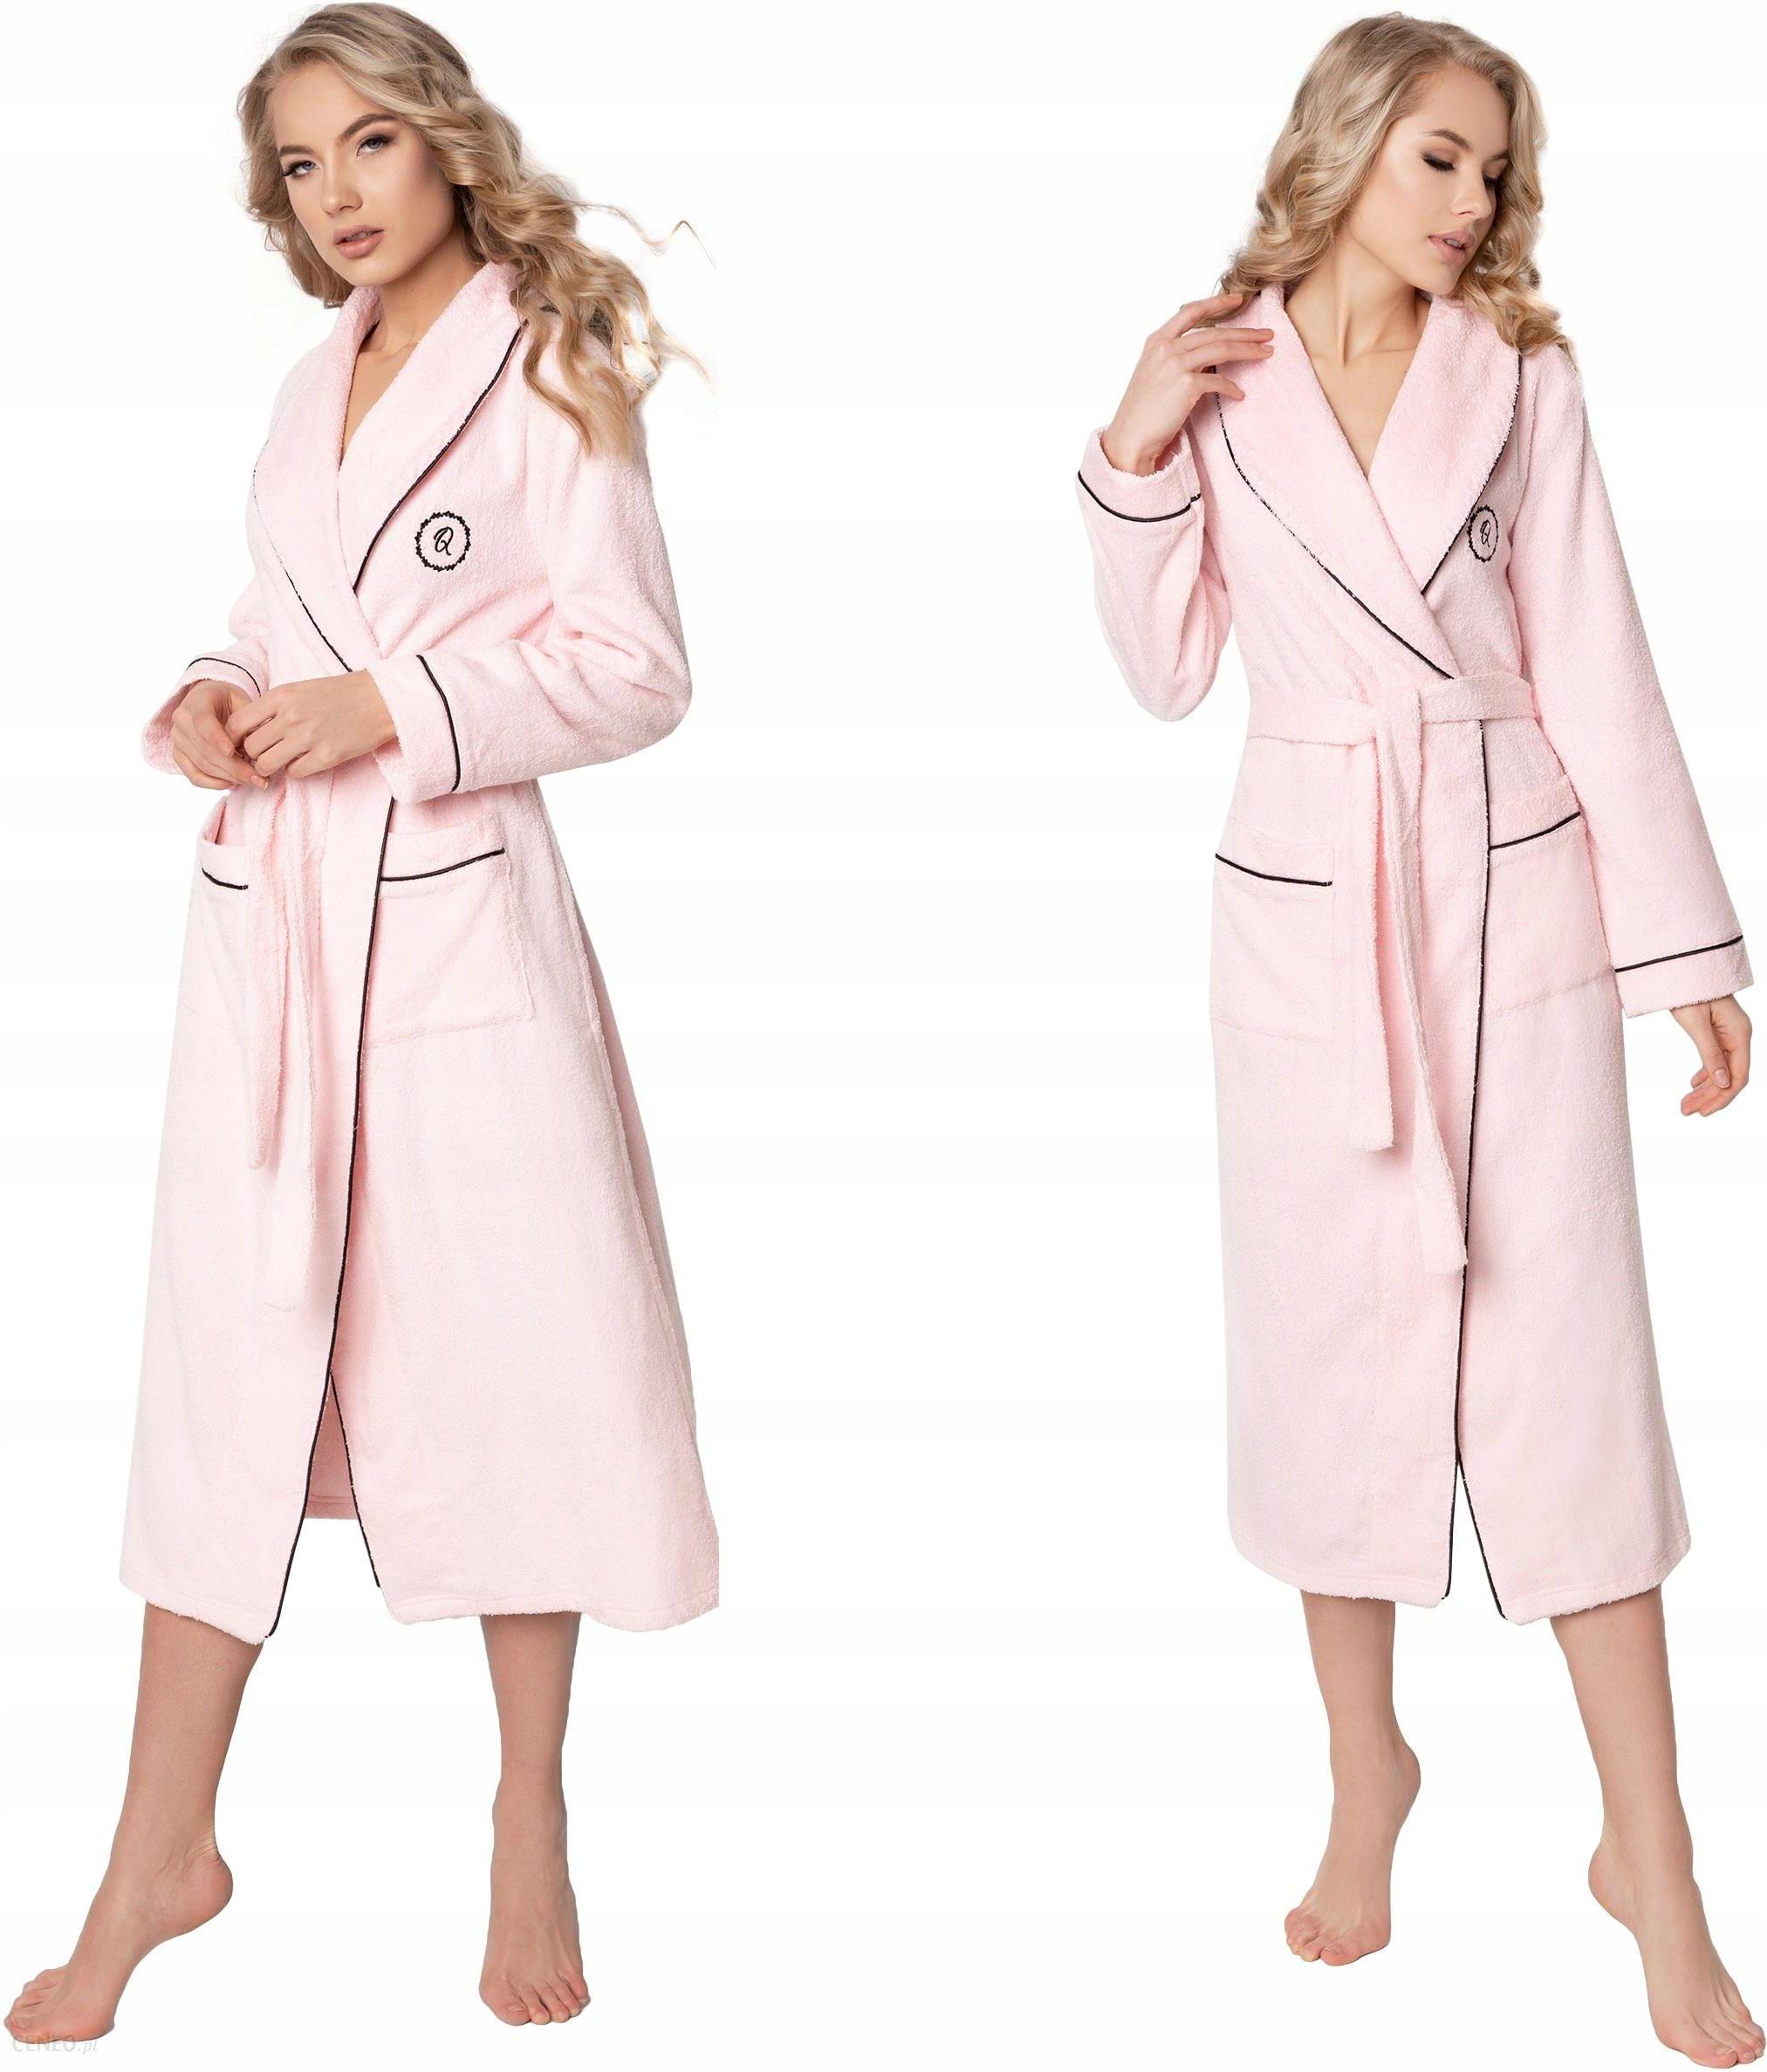 Szlafrok damski z kieszeniami wiązany w kolorze różowym, praktyczny i stylowy płaszcz kąpielowy